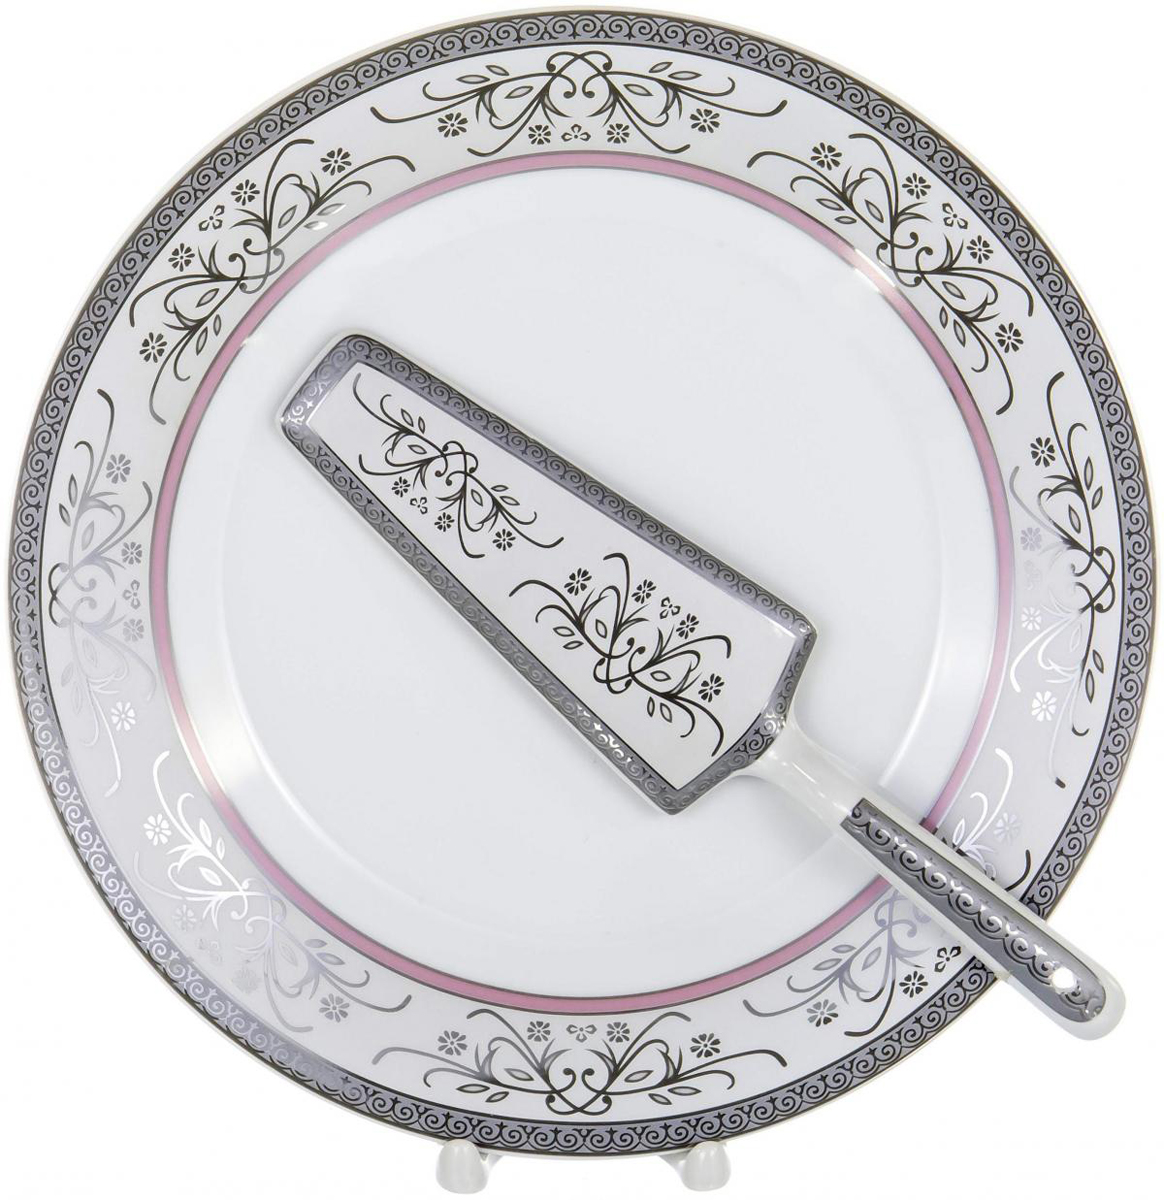 Набор для торта Olaff, 2 предмета. LRS-CPN2-010LRS-CPN2-010Набор для торта Olaff состоит из блюда и лопатки. Изделия выполнены из керамики и оформлены изящным рисунком. Набор идеален для подачи тортов, пирогов и другой выпечки. Яркий дизайн сделает набор изысканным украшением праздничного стола.В наборе: тарелка диаметром 25,5 см и лопатка.